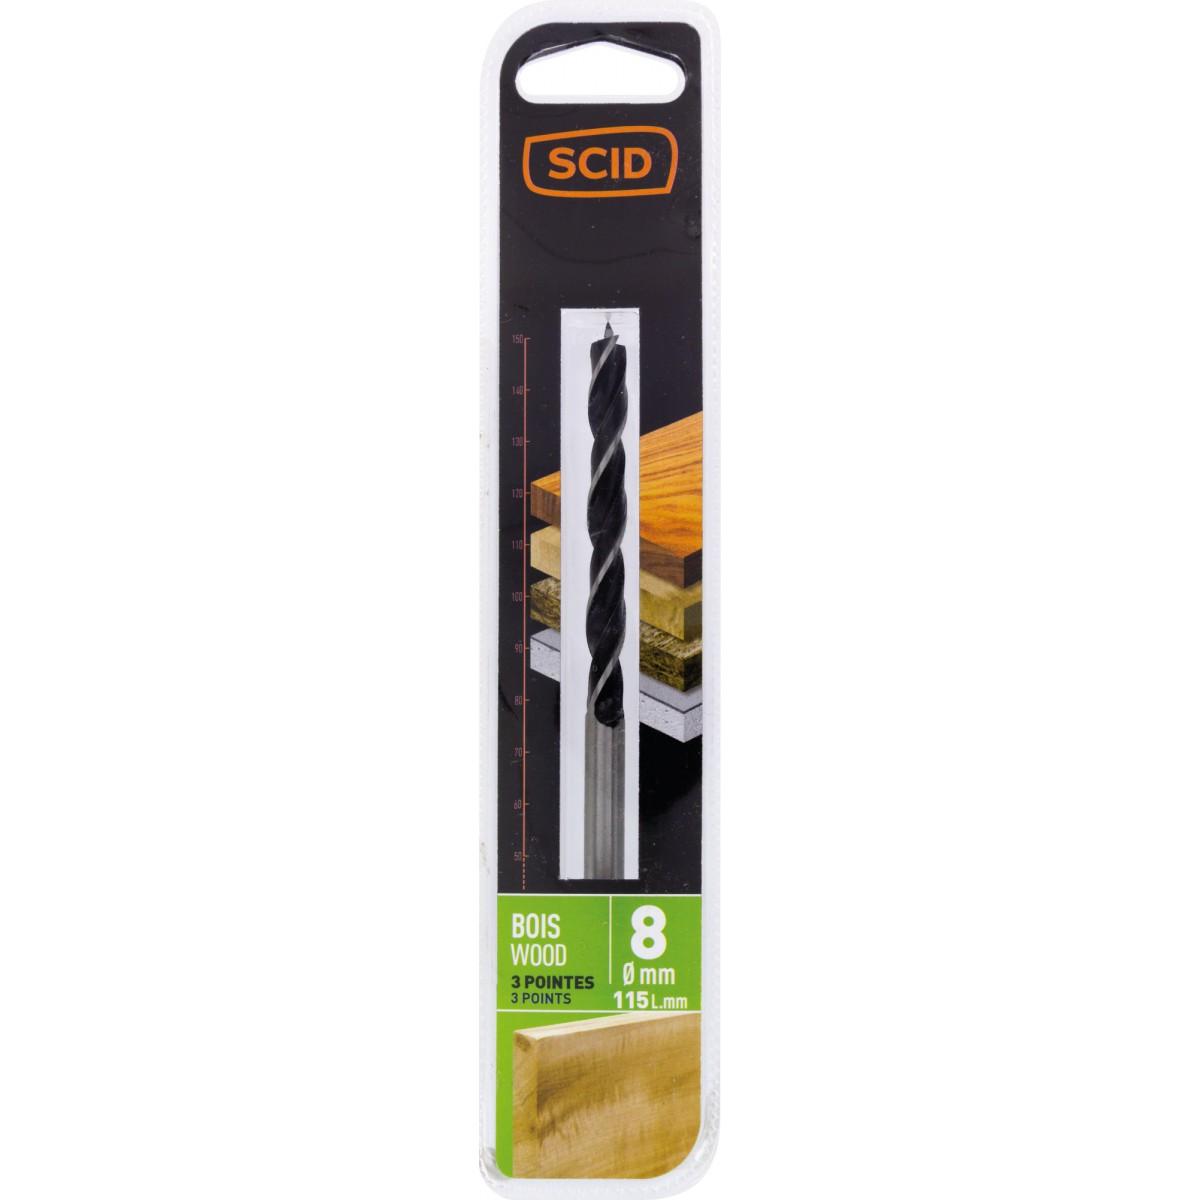 Mèche à bois 3 pointes SCID - Longueur 115 mm - Diamètre 8 mm